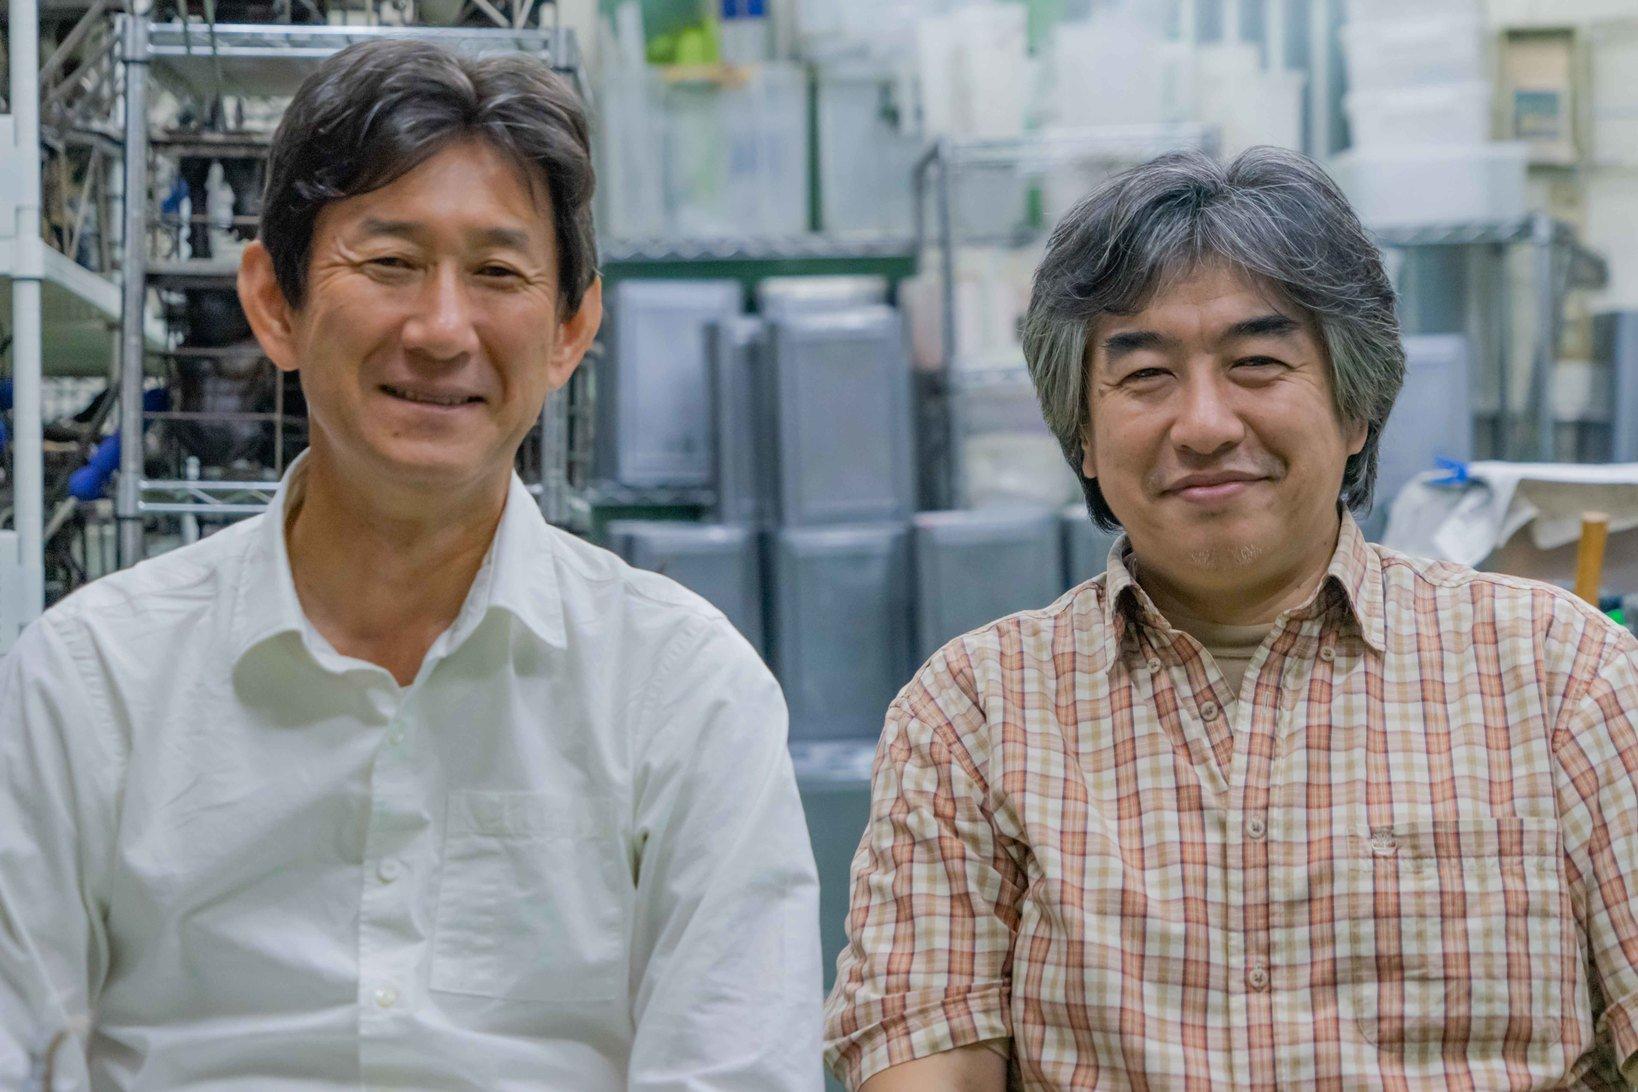 """左:山﨑進一さん。企画会社Y-BOX代表。江崎グリコに21年、バンダイに16年勤務。『アーモンドクラッシュポッキー』や『タイムスリップグリコ』のヒット商品の開発、『ベルばらの大人向け化粧品』『ガンダムカフェ』などの新規事業創出に携わり、定年退職を機に起業、企画会社Y-BOXを立ち上げた。アナログレコードとクワガタをこよなく愛する趣味人でもある。  右:宮澤博一さん。1963年東京生まれ。高校卒業後、洋食のコックの道に進む。家庭の事情で家業を継ぐが、ほどなく古物商に転身。アンティーク玩具店を経営する傍ら、いきなり独学で原型製作を始める。2007年、その原型を元にソフビを製造する会社「シカルナ・工房」を設立。何事も""""出来るようになるまでやり続ける""""性格により、塗装、成型技術を会得した。家庭では、娘たちの高校時代に""""冷凍食品を一切使わない弁当""""を作り続けた父親でもある。"""